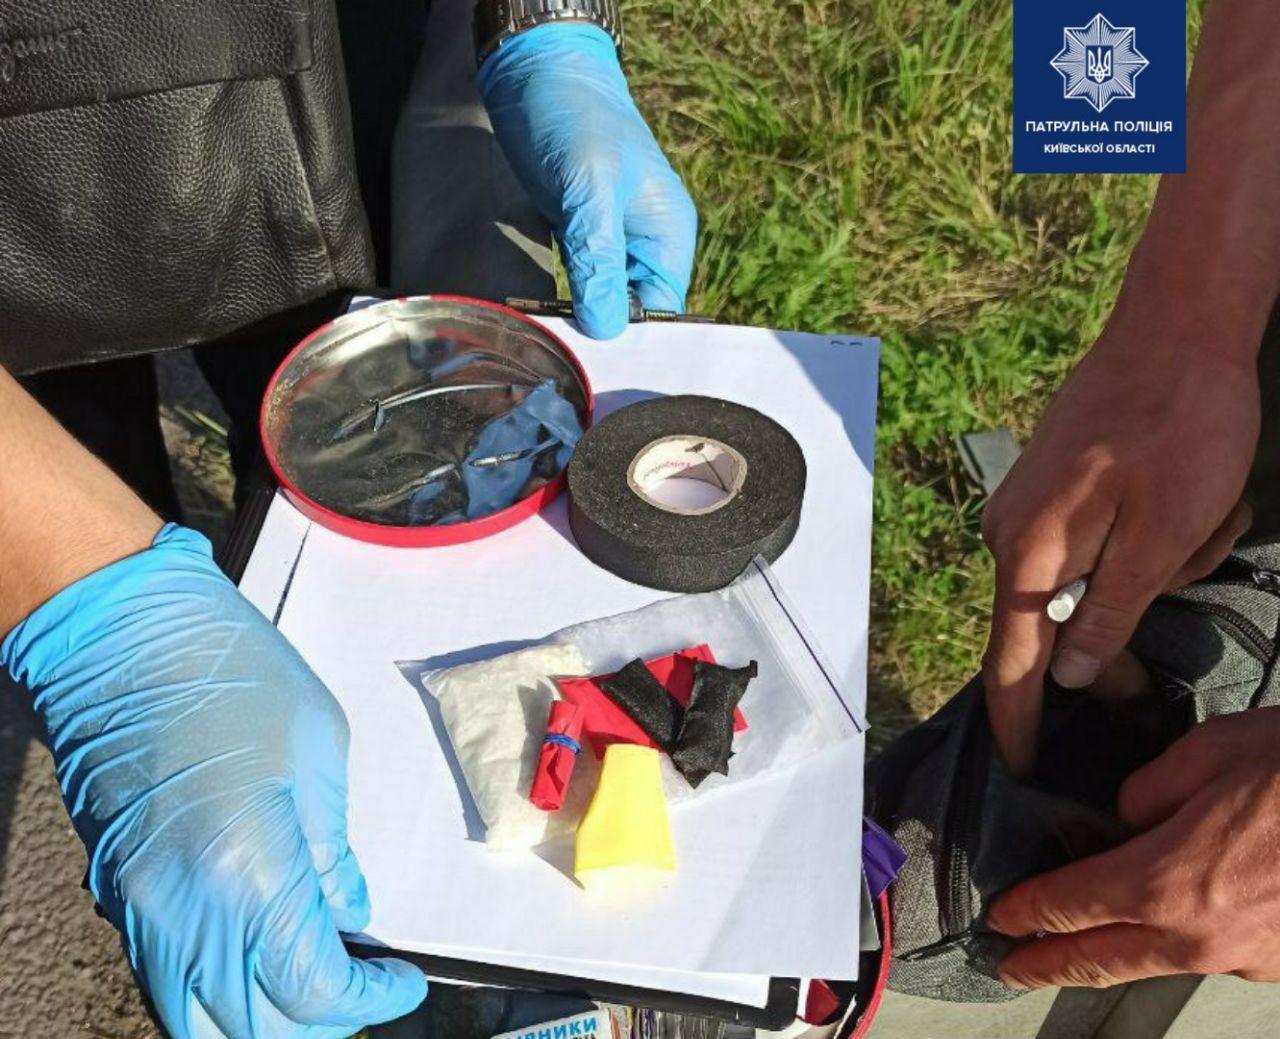 На Бородянщині у порушника ПДР знайшли цілу коробку наркотиків - наркотики, Наркоманія, Марихуана, зіппакет, амфетамін - 10 narkotyky